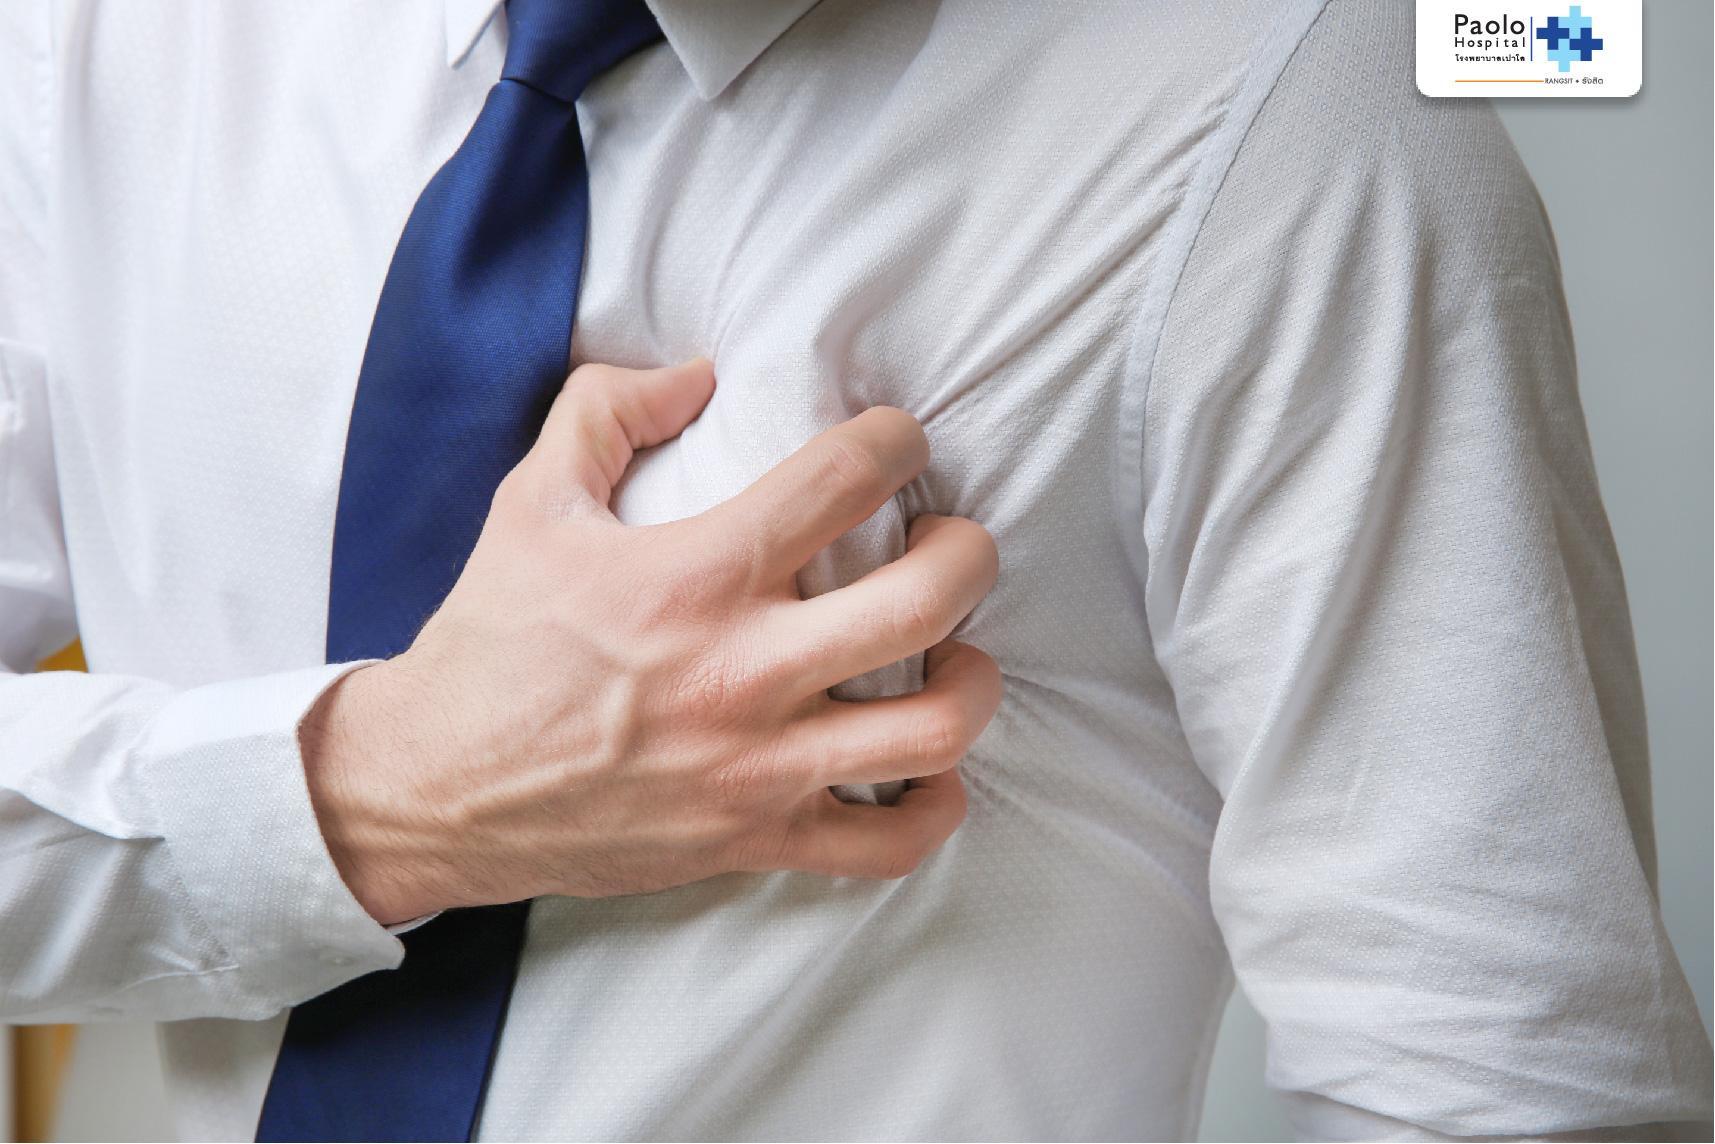 """ความดัน-เบาหวาน-ไขมันในเลือดสูง เพิ่มความเสี่ยง """"โรคหัวใจ"""""""